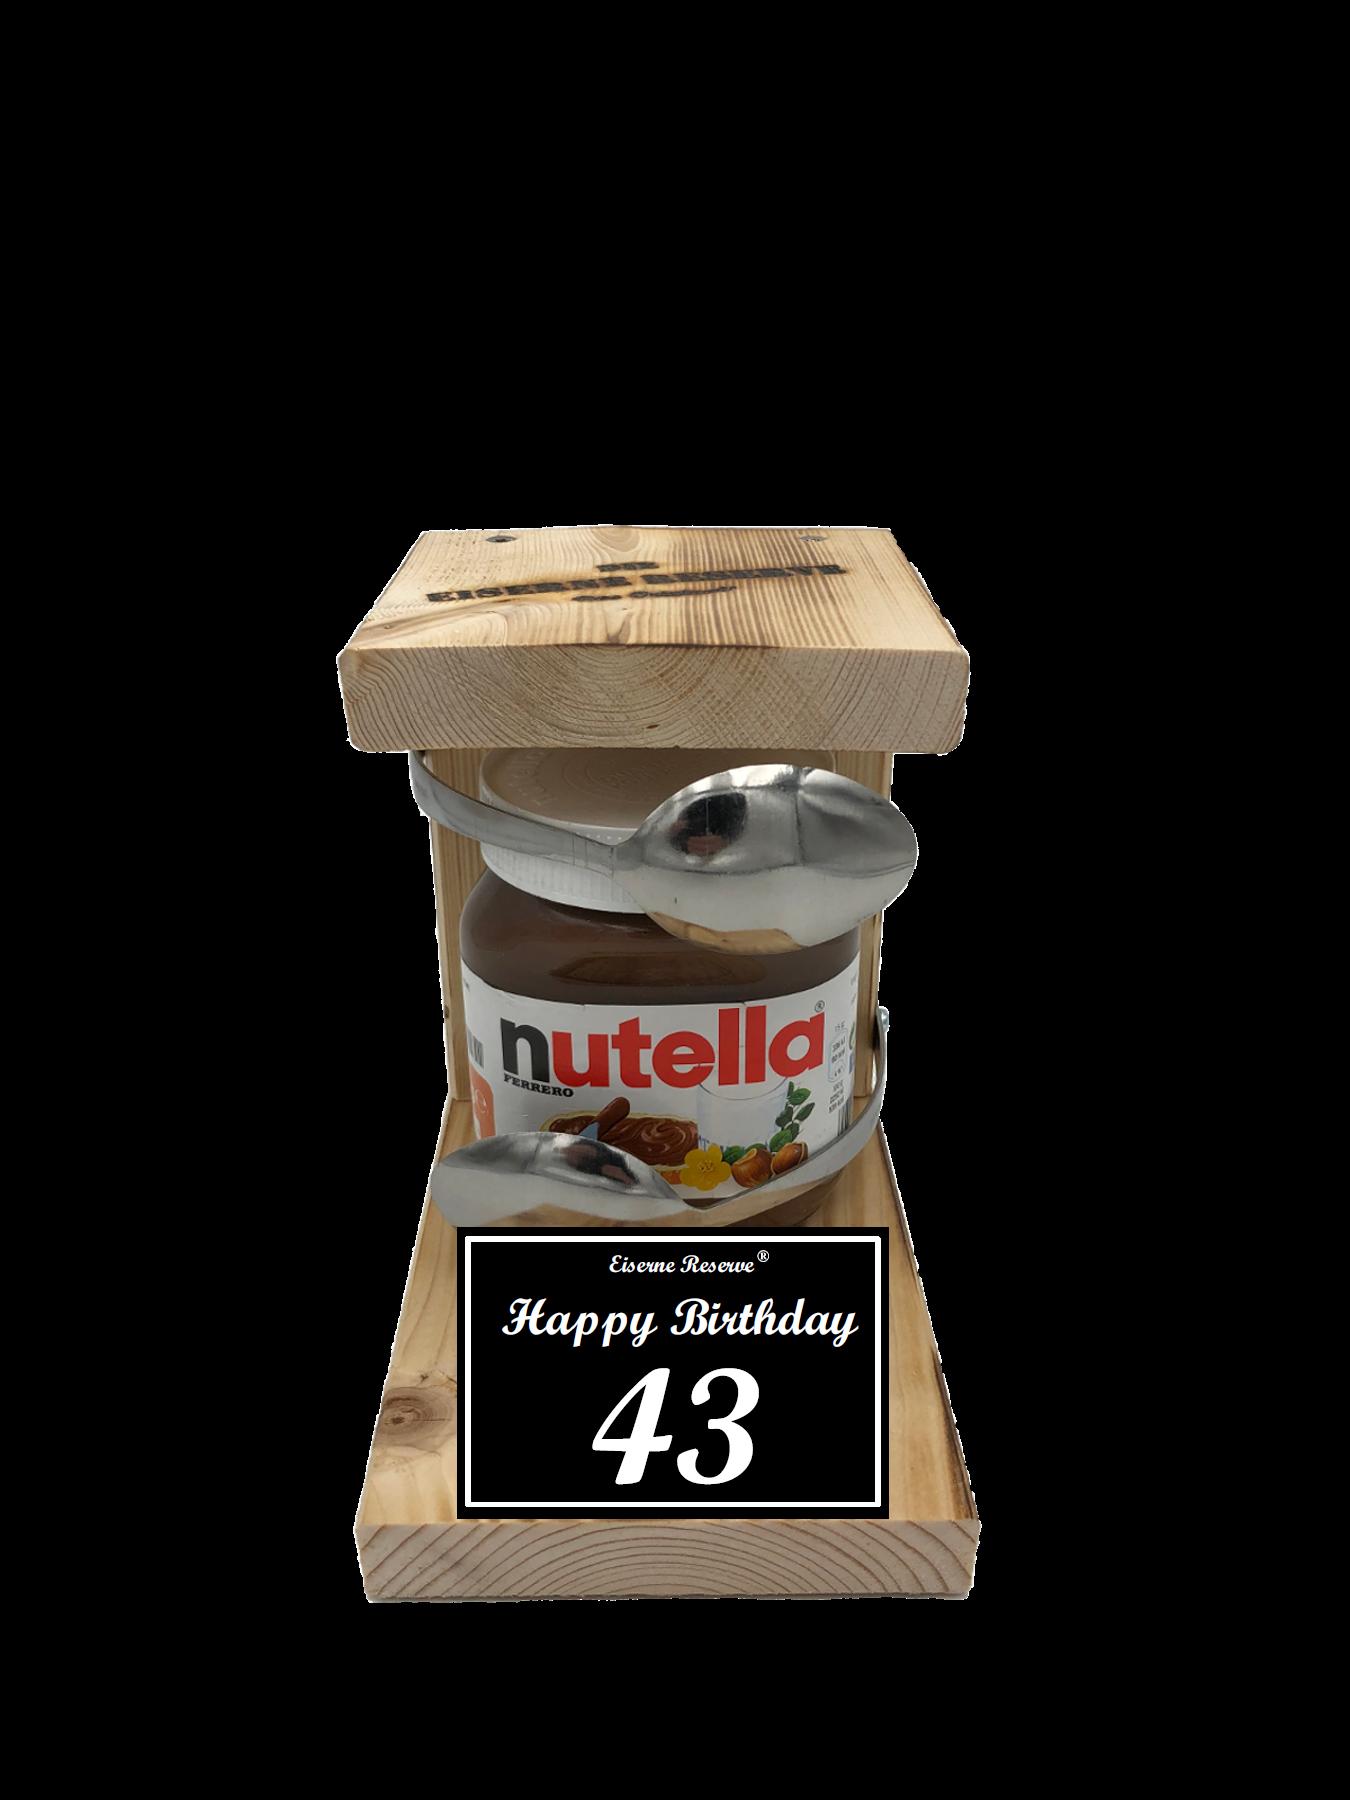 43 Happy Birthday Löffel Nutella Geschenk - Die Nutella Geschenkidee